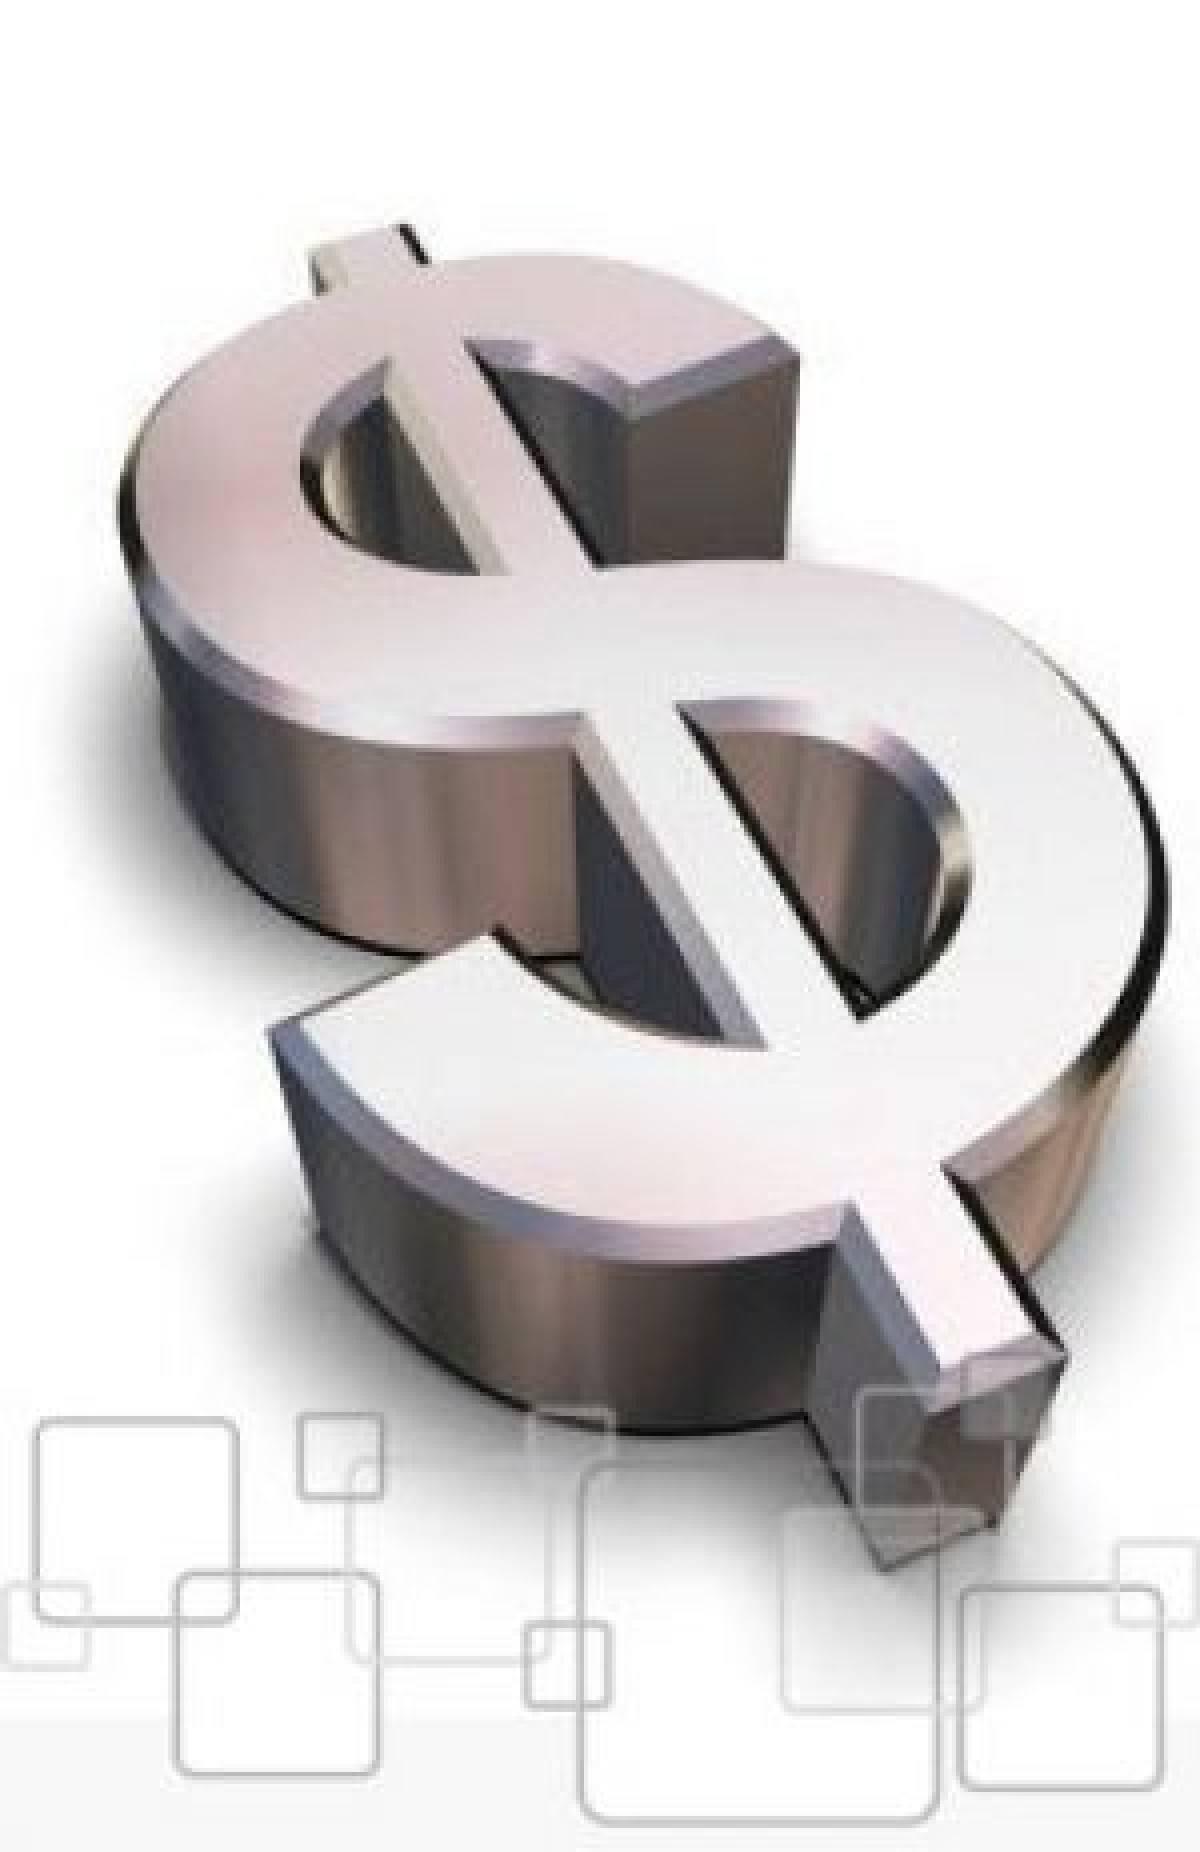 Procons consideram abusiva e ilegal taxa de cadastro cobrada por bancos